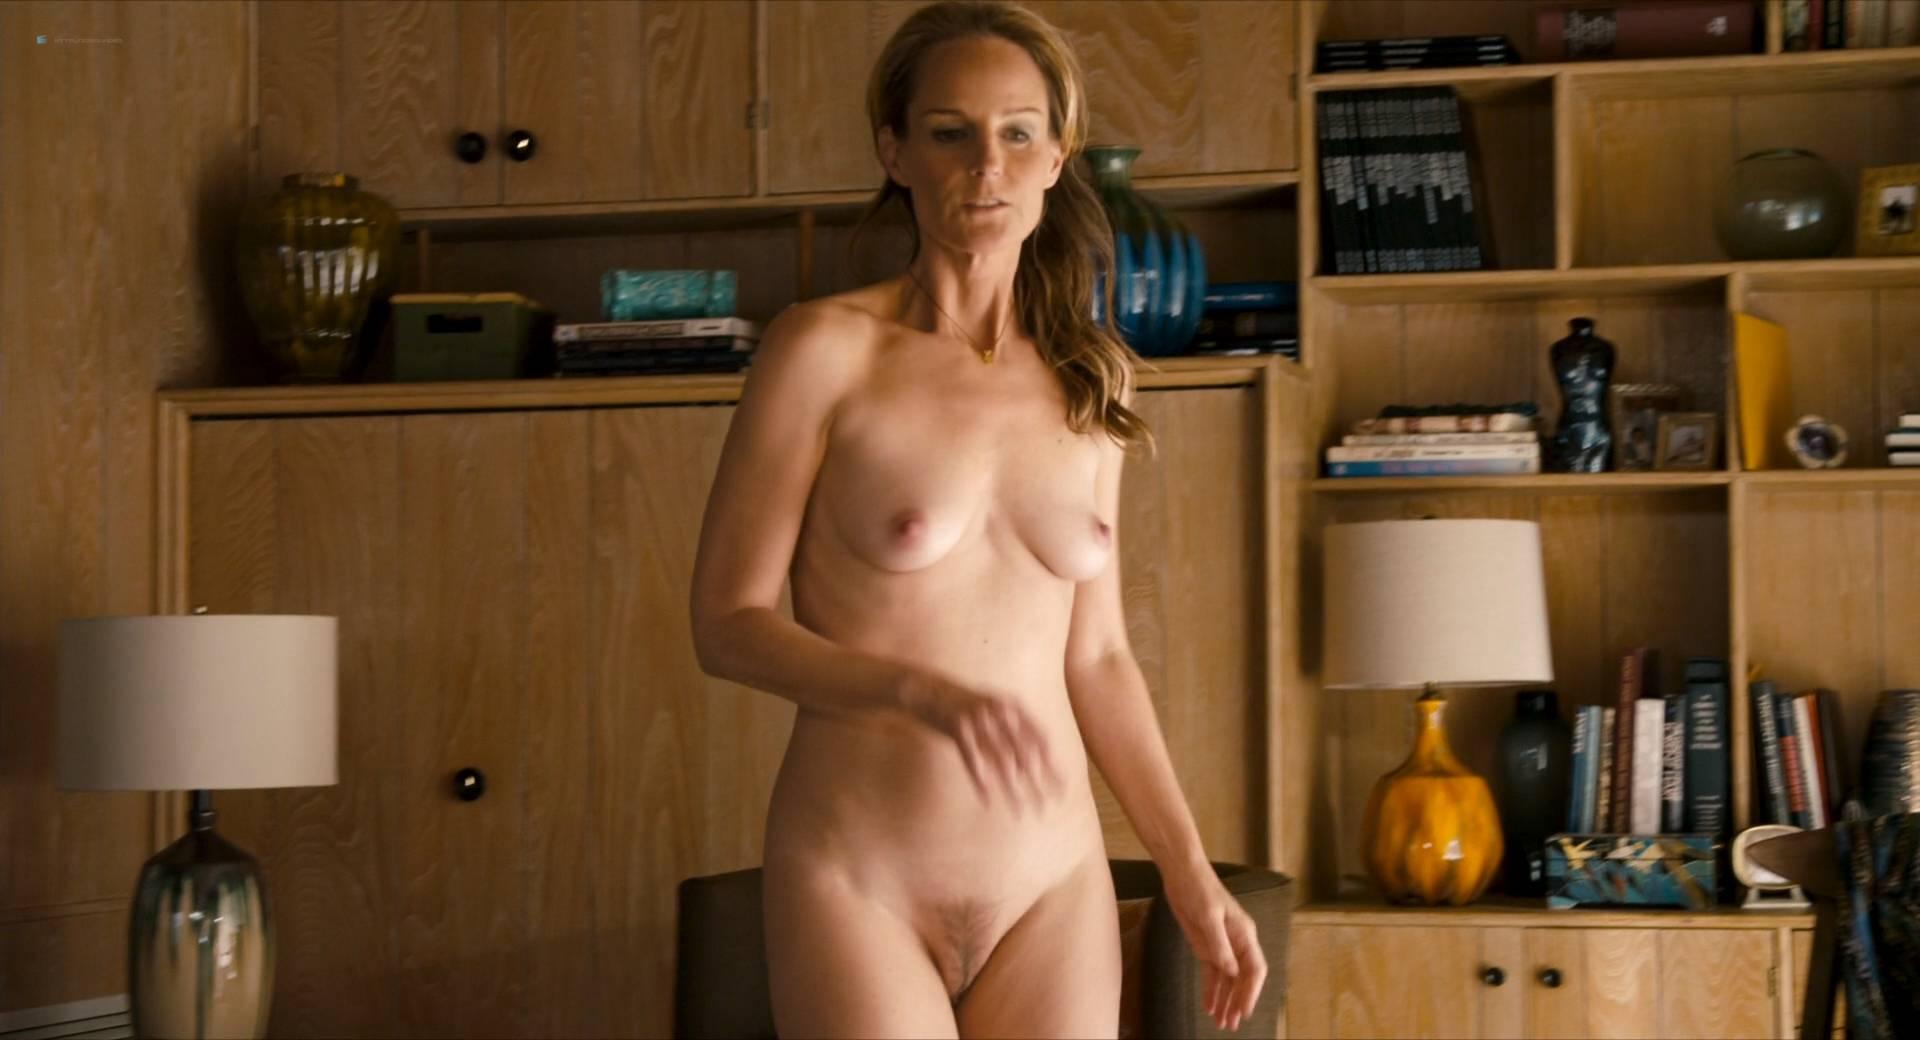 Annika marks naked